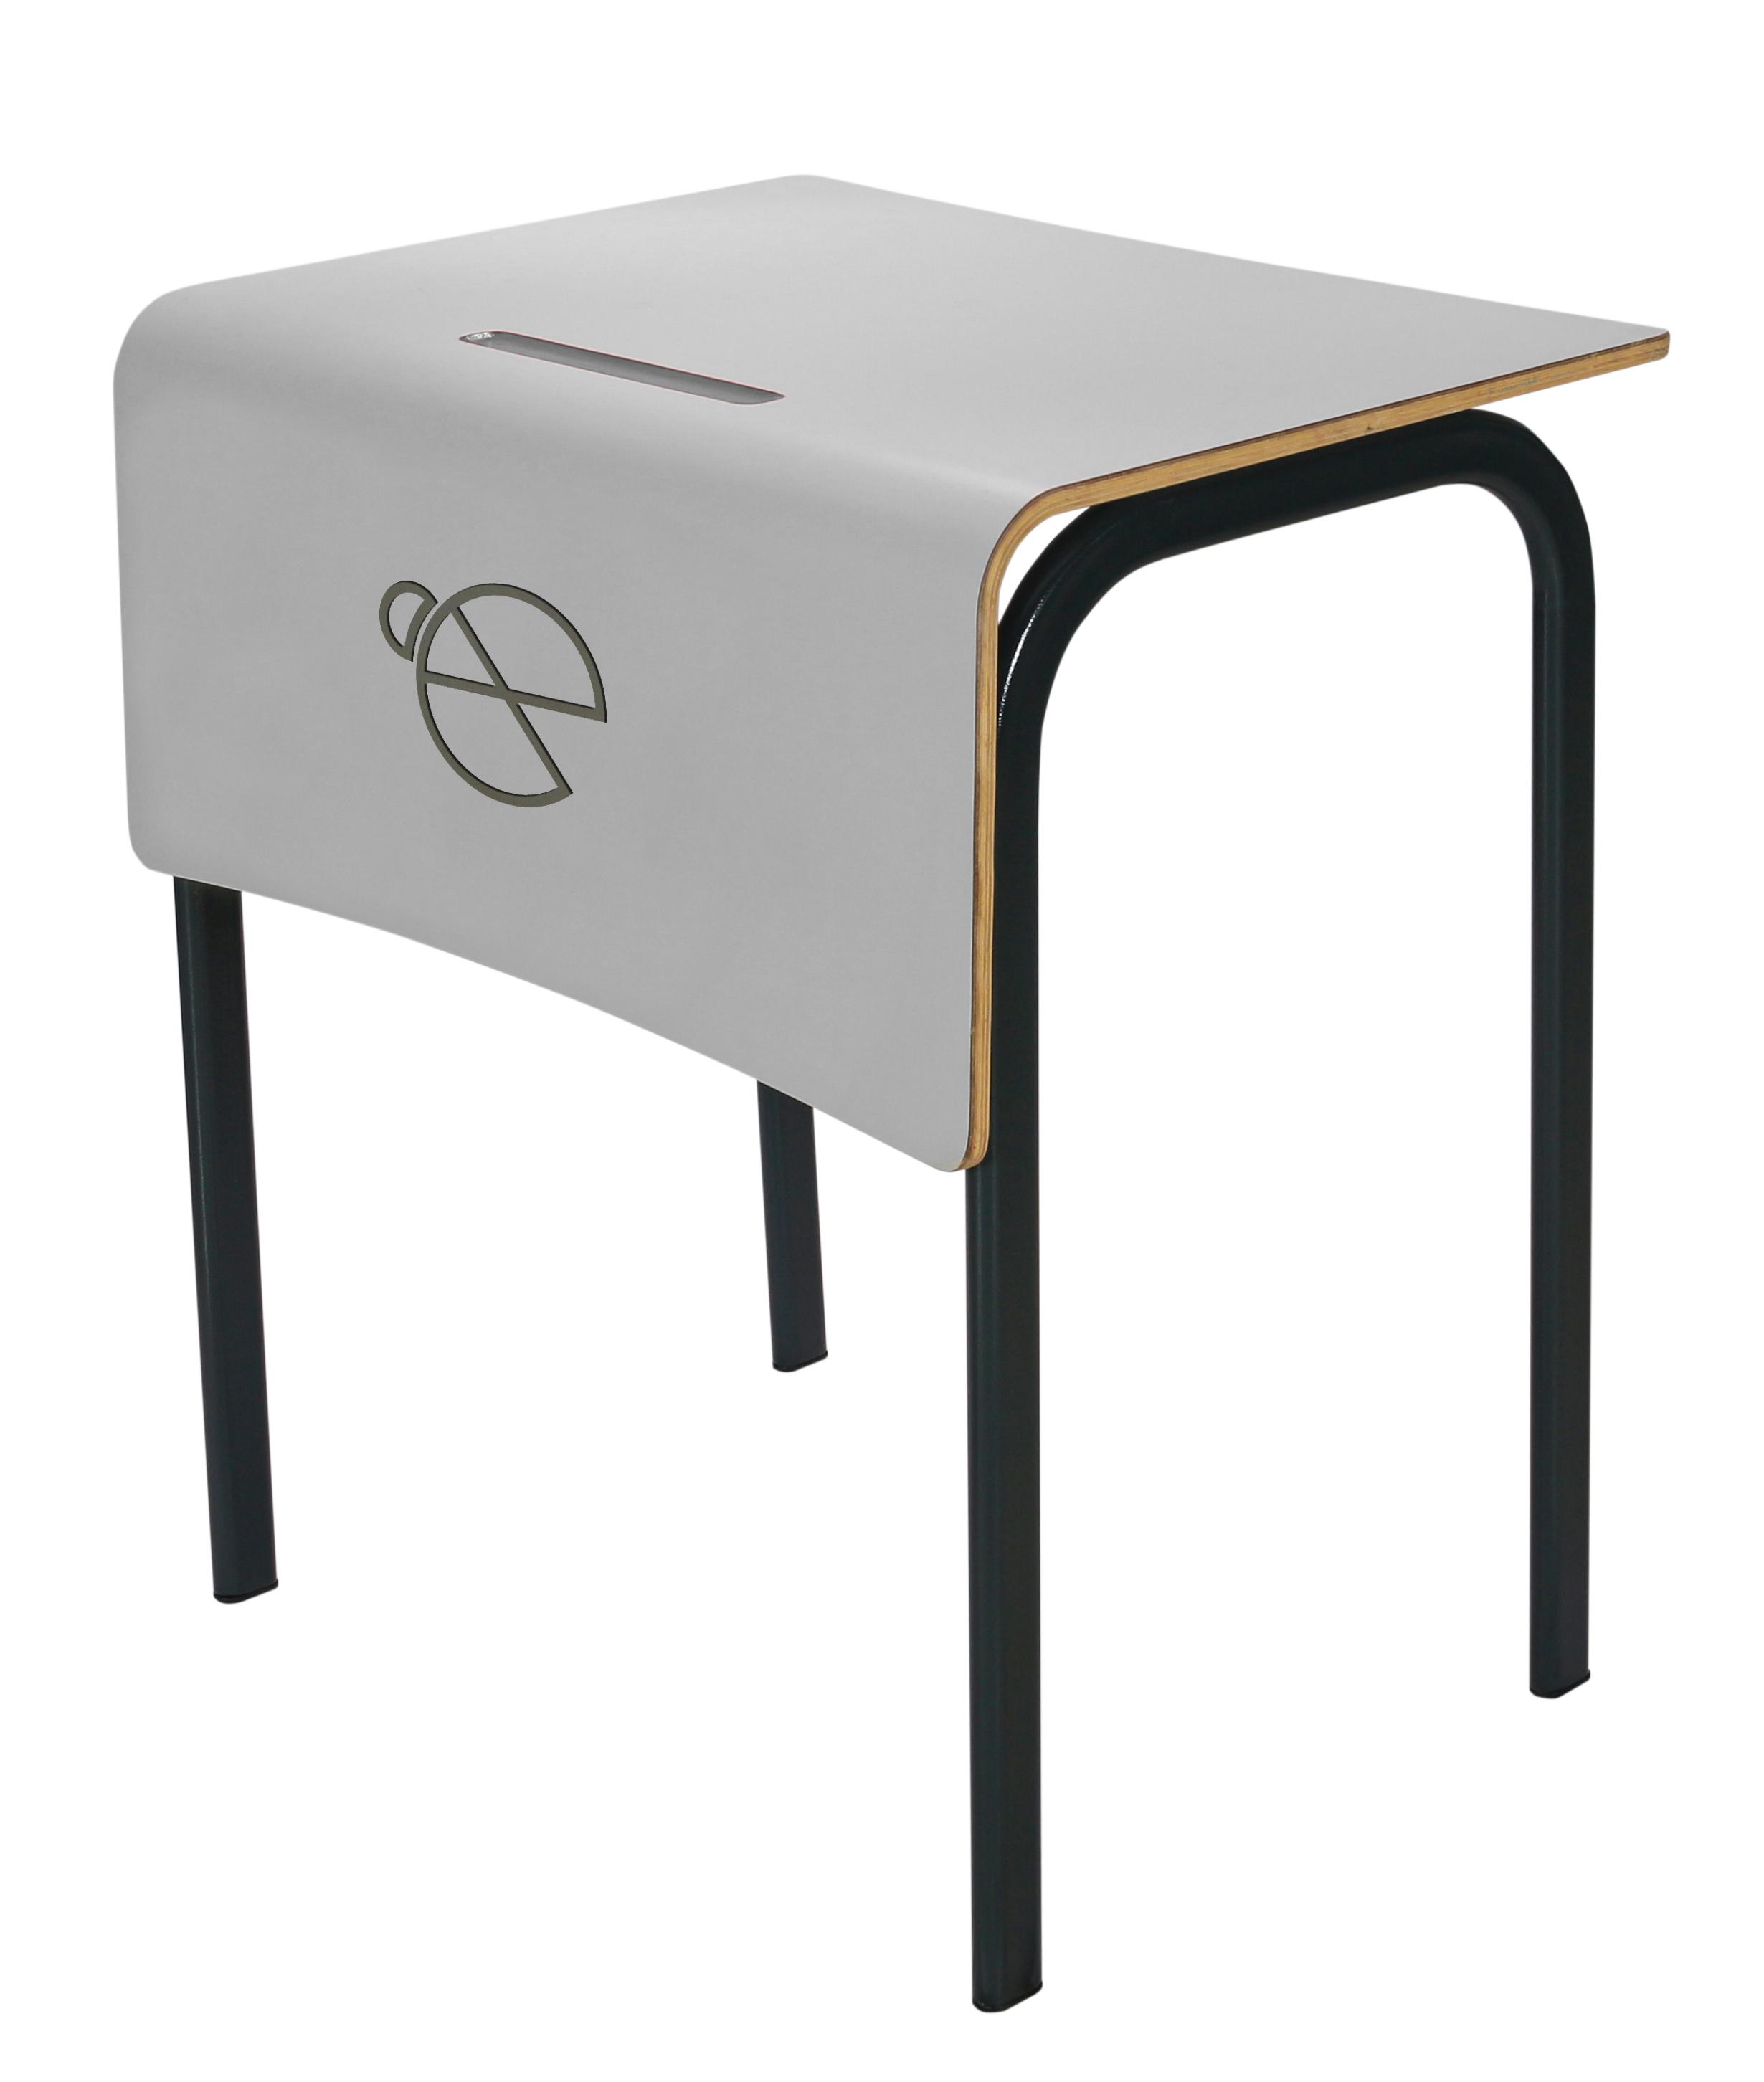 Chroma Desk